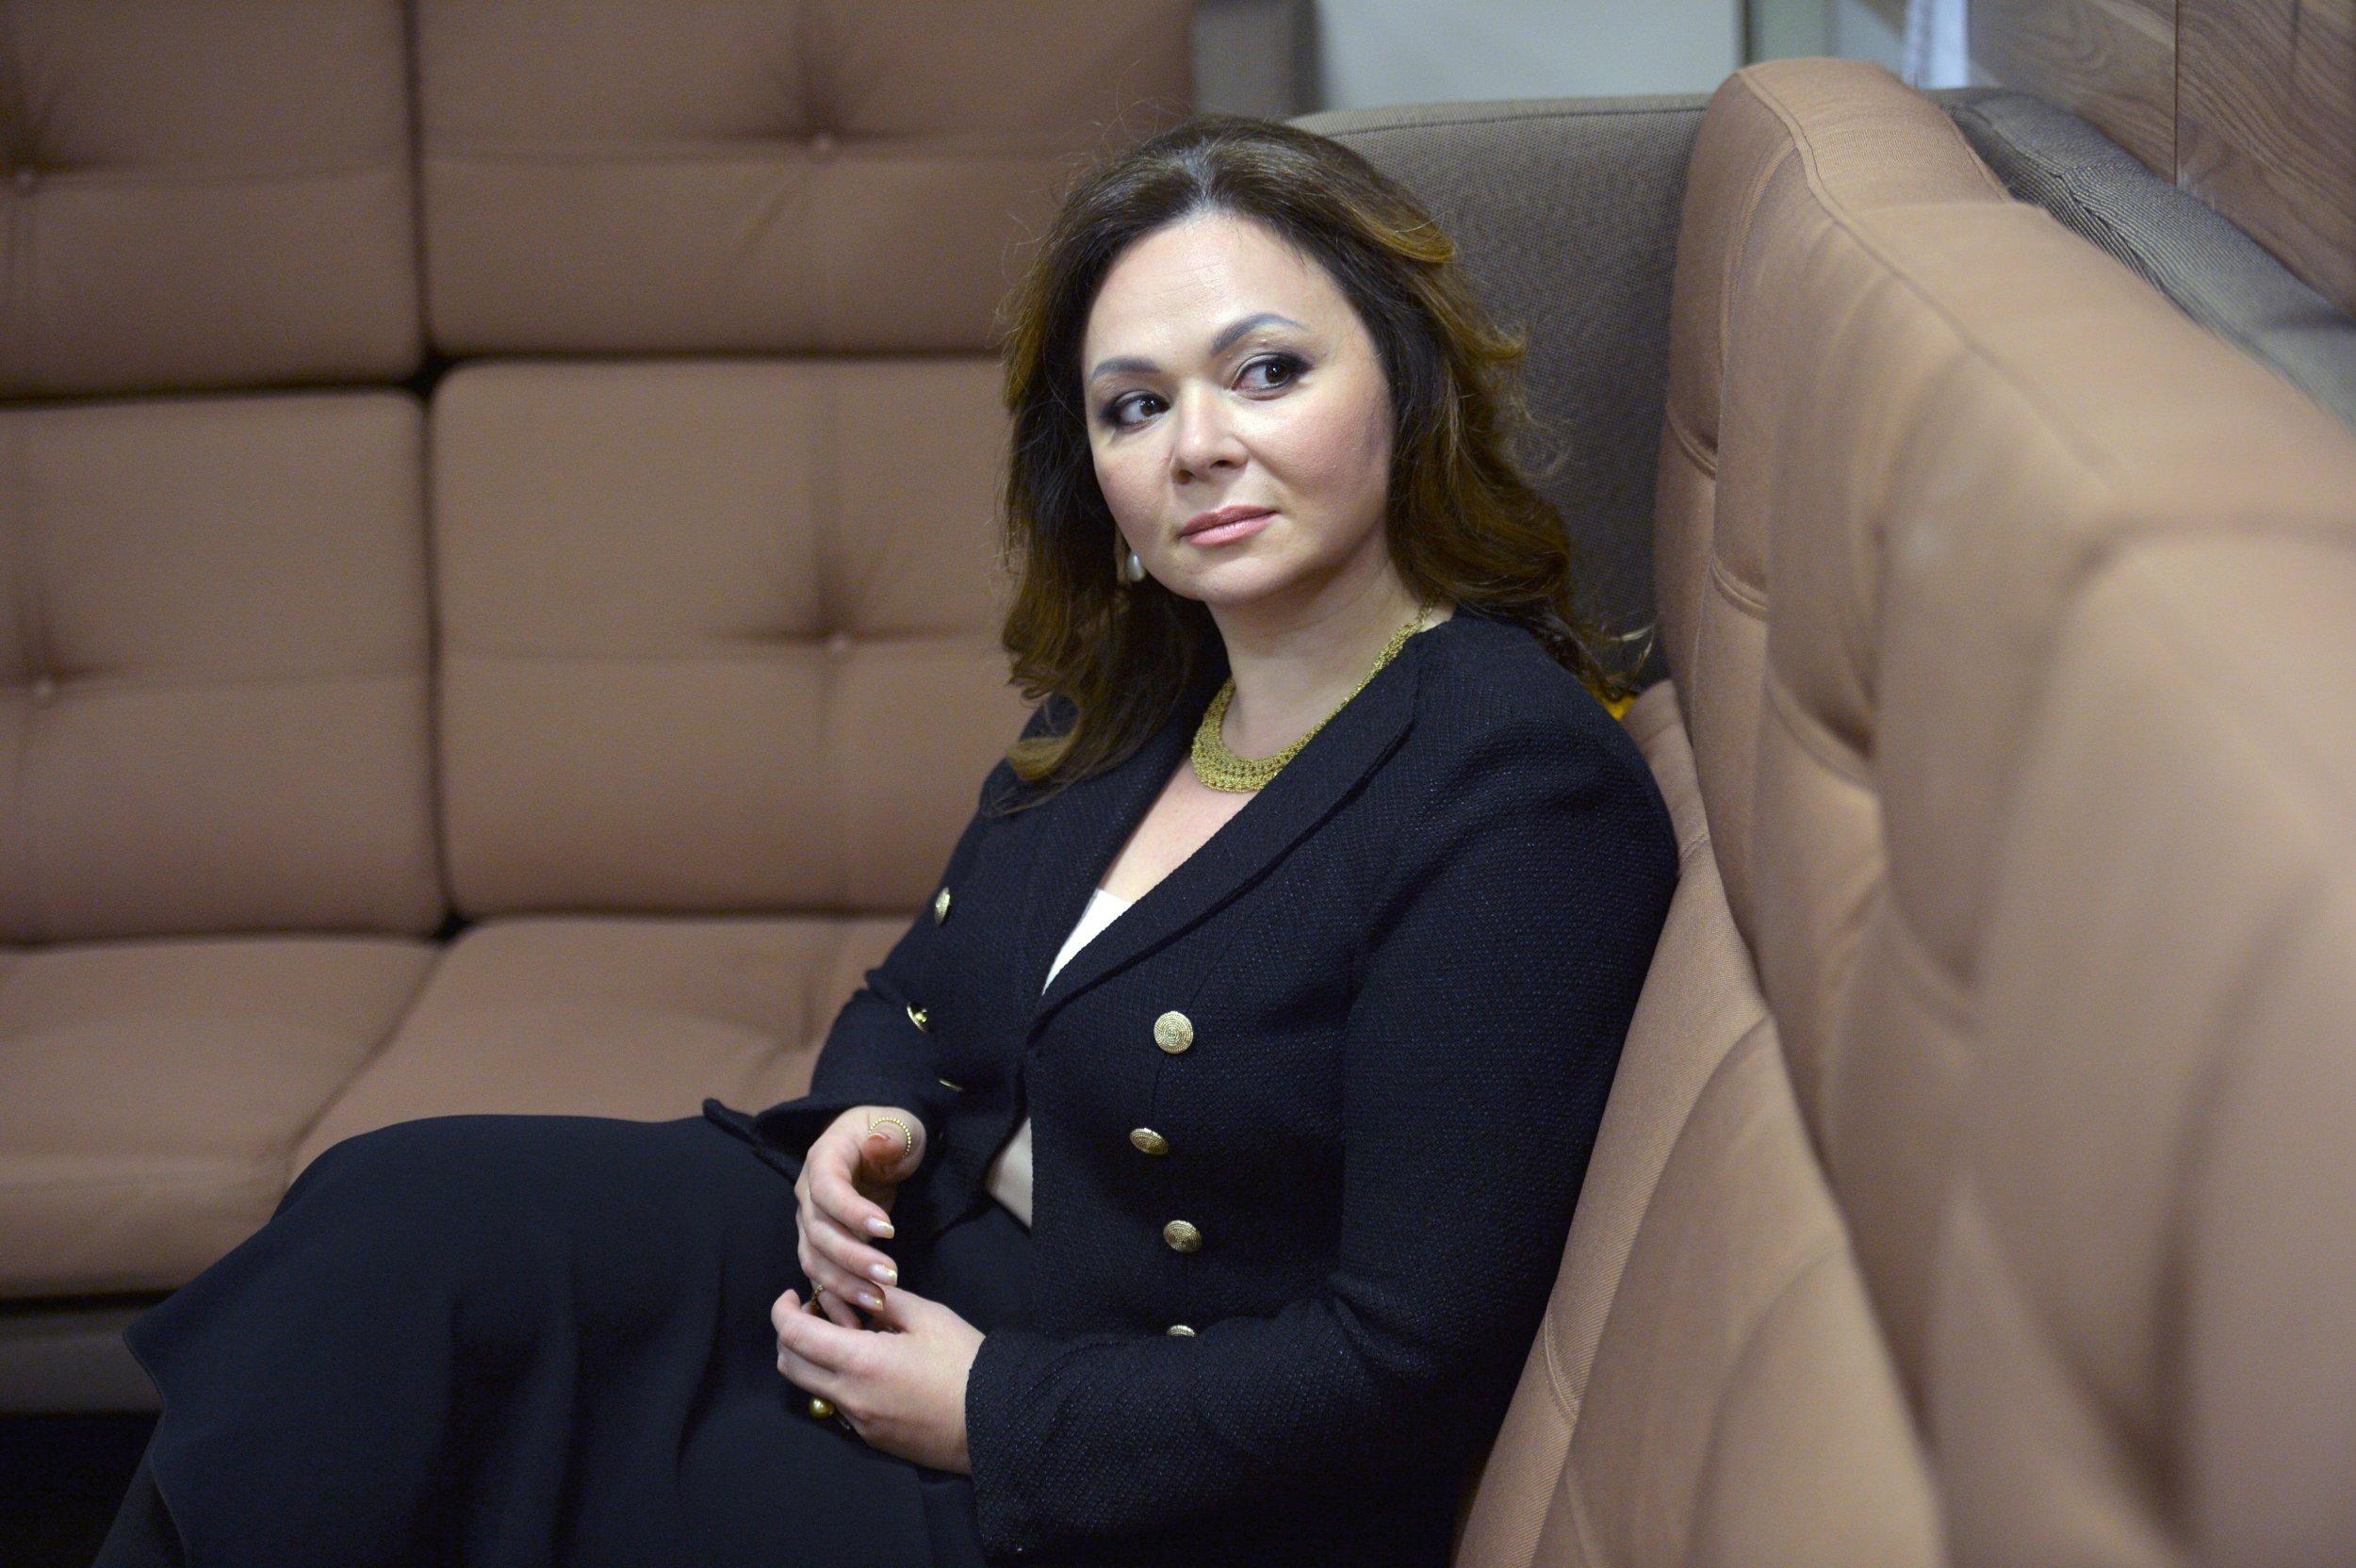 09_15_Natalia Veselnitskaya